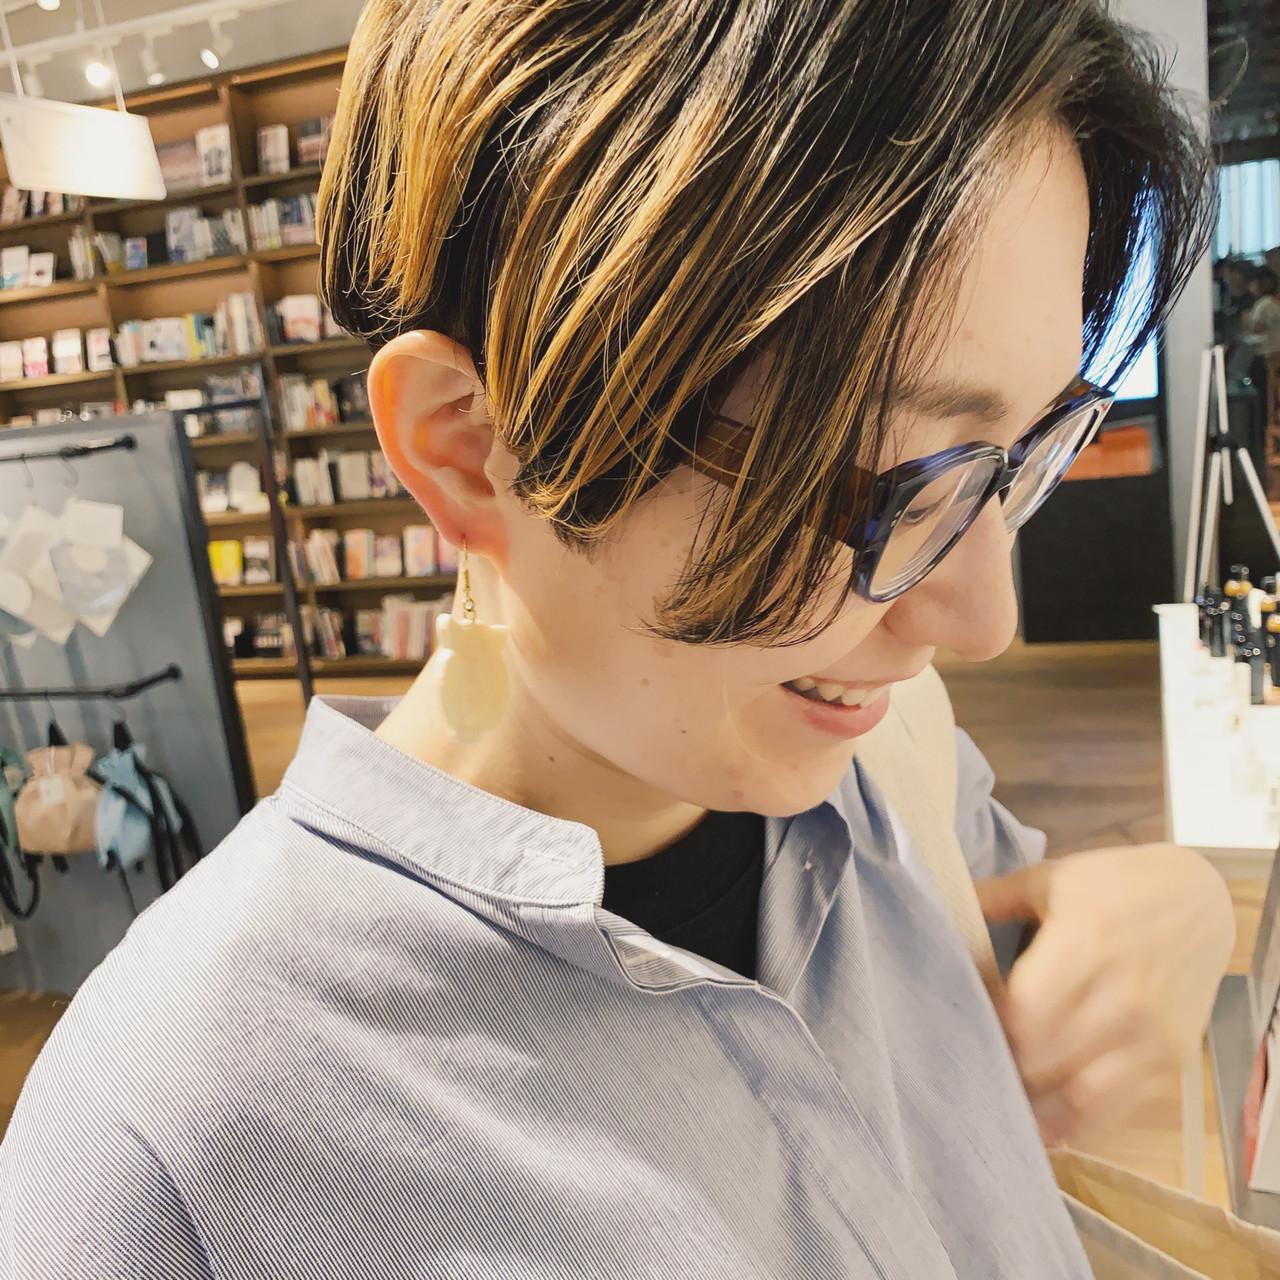 ハンサムショート ブリーチ ショート 外国人風カラー ヘアスタイルや髪型の写真・画像 | ミヤタリョウ/エスクール/ / hair S.COEUR×Cu 枚方T-SITE店